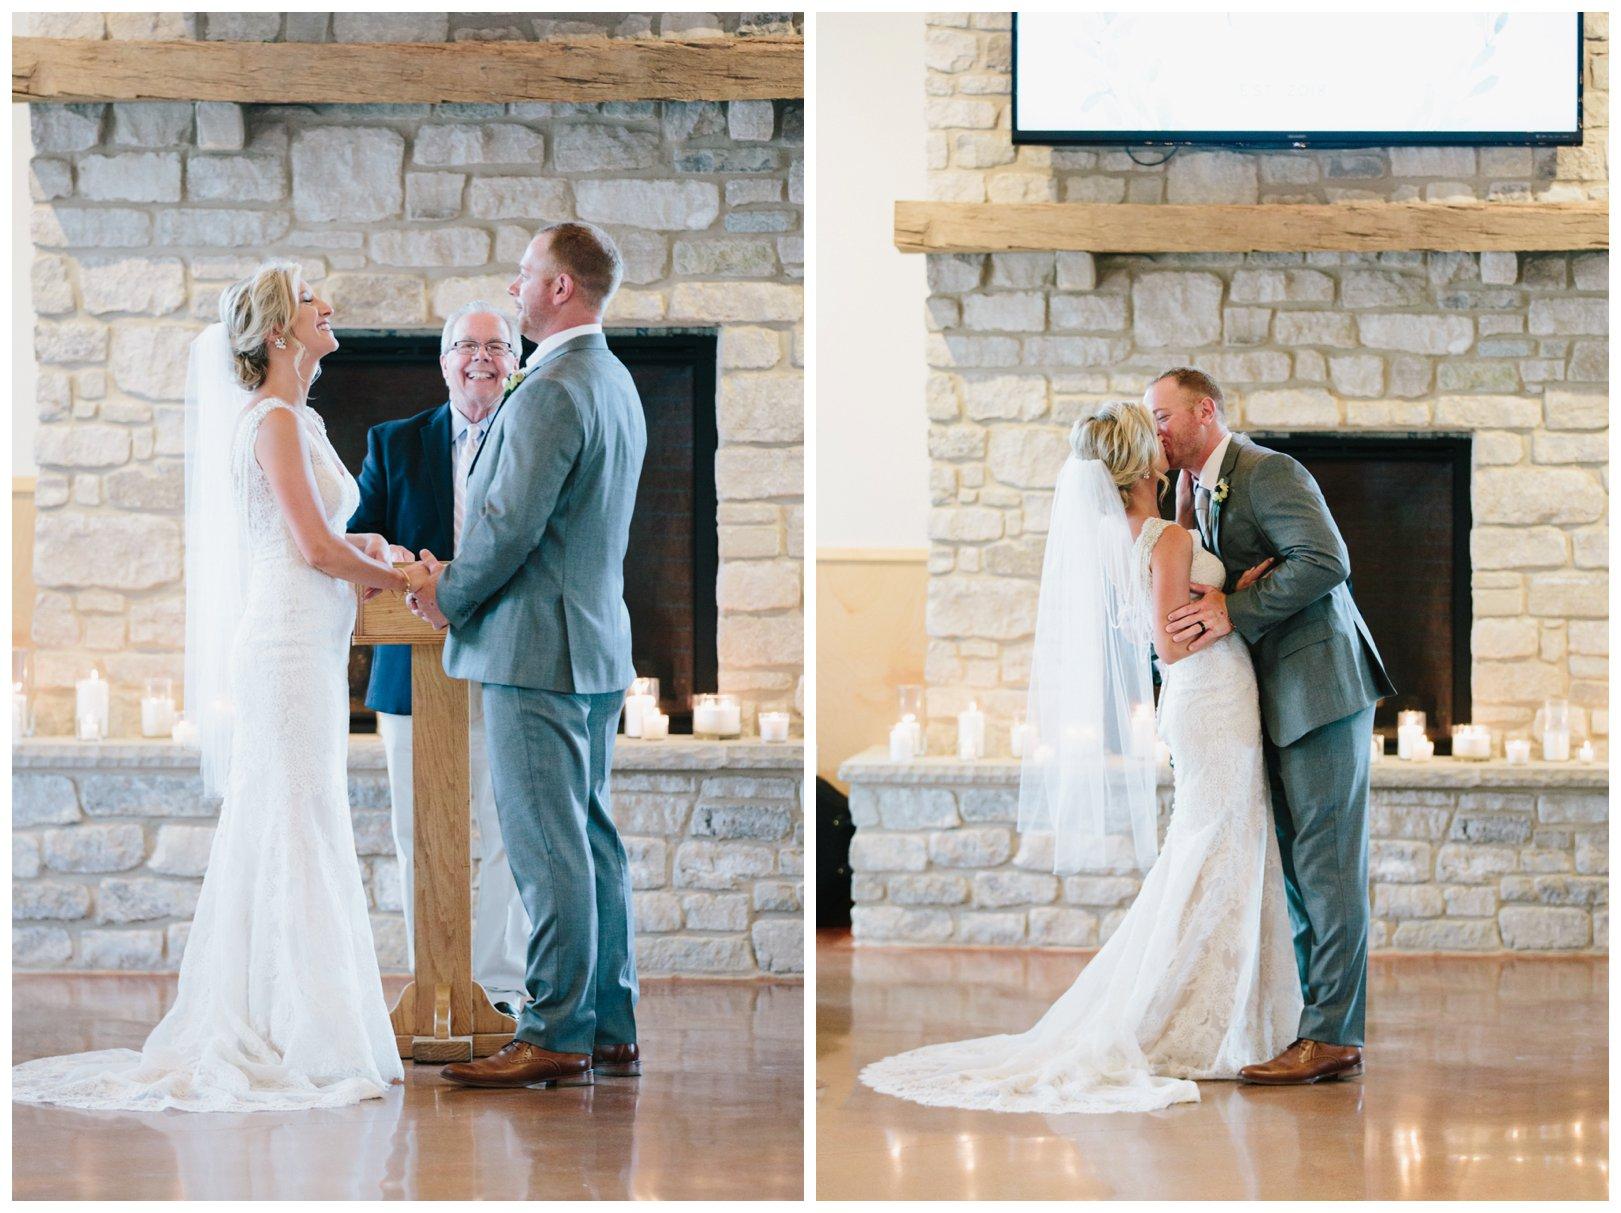 lauren muckler photography_fine art film wedding photography_st louis_photography_2379.jpg